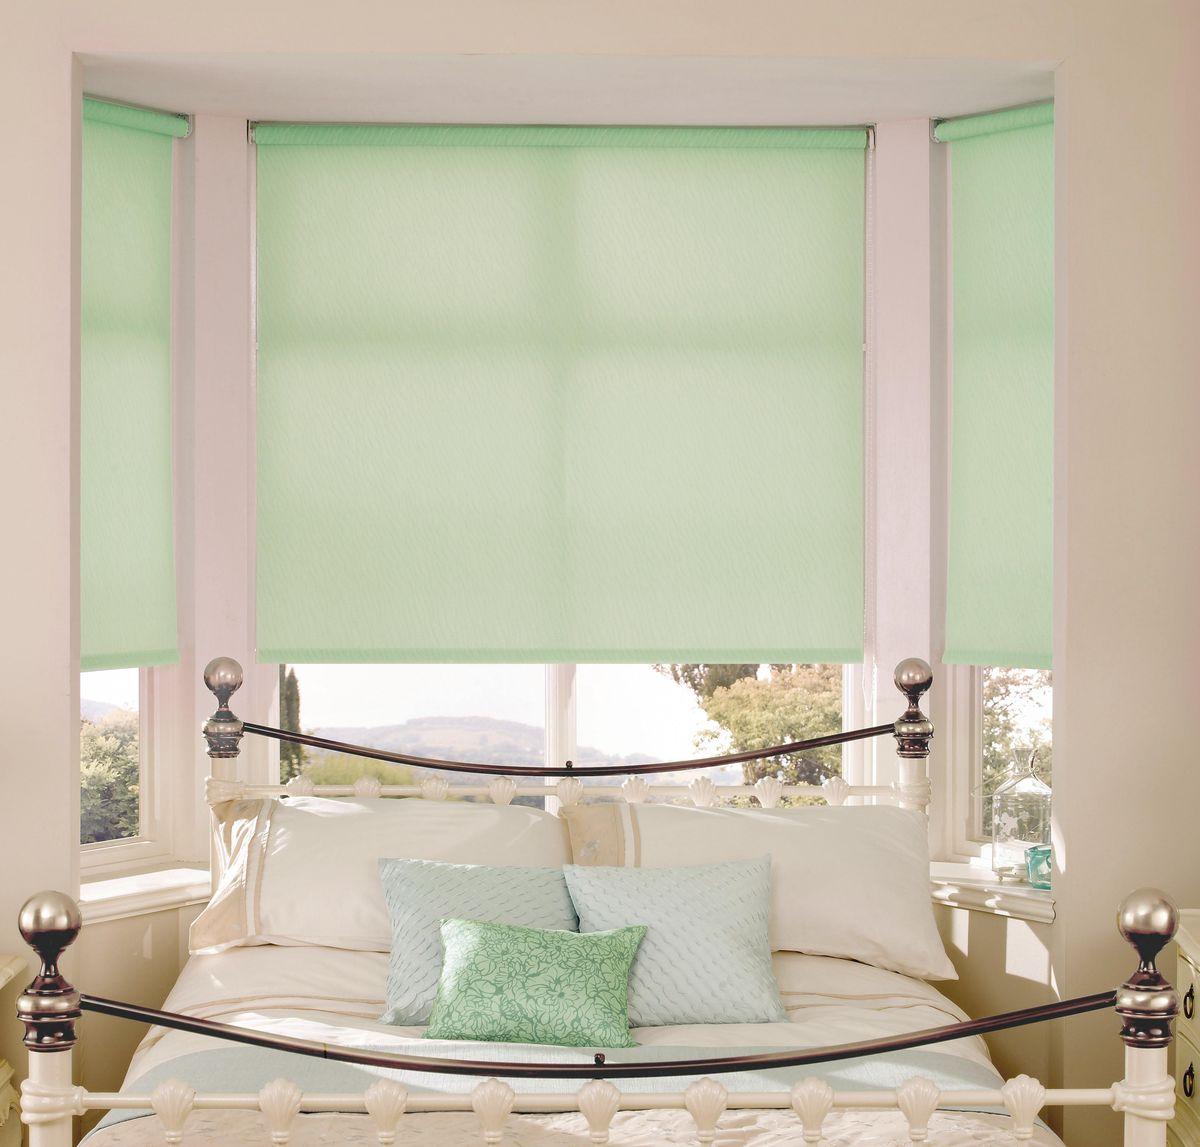 Штора рулонная Эскар, цвет: светло-зеленый, ширина 160 см, высота 170 см81017160170Рулонными шторами можно оформлять окна как самостоятельно, так и использовать в комбинации с портьерами. Это поможет предотвратить выгорание дорогой ткани на солнце и соединит функционал рулонных с красотой навесных.Преимущества применения рулонных штор для пластиковых окон:- имеют прекрасный внешний вид: многообразие и фактурность материала изделия отлично смотрятся в любом интерьере; - многофункциональны: есть возможность подобрать шторы способные эффективно защитить комнату от солнца, при этом о на не будет слишком темной. - Есть возможность осуществить быстрый монтаж. ВНИМАНИЕ! Размеры ширины изделия указаны по ширине ткани!Во время эксплуатации не рекомендуется полностью разматывать рулон, чтобы не оторвать ткань от намоточного вала.В случае загрязнения поверхности ткани, чистку шторы проводят одним из способов, в зависимости от типа загрязнения: легкое поверхностное загрязнение можно удалить при помощи канцелярского ластика; чистка от пыли производится сухим методом при помощи пылесоса с мягкой щеткой-насадкой; для удаления пятна используйте мягкую губку с пенообразующим неагрессивным моющим средством или пятновыводитель на натуральной основе (нельзя применять растворители).